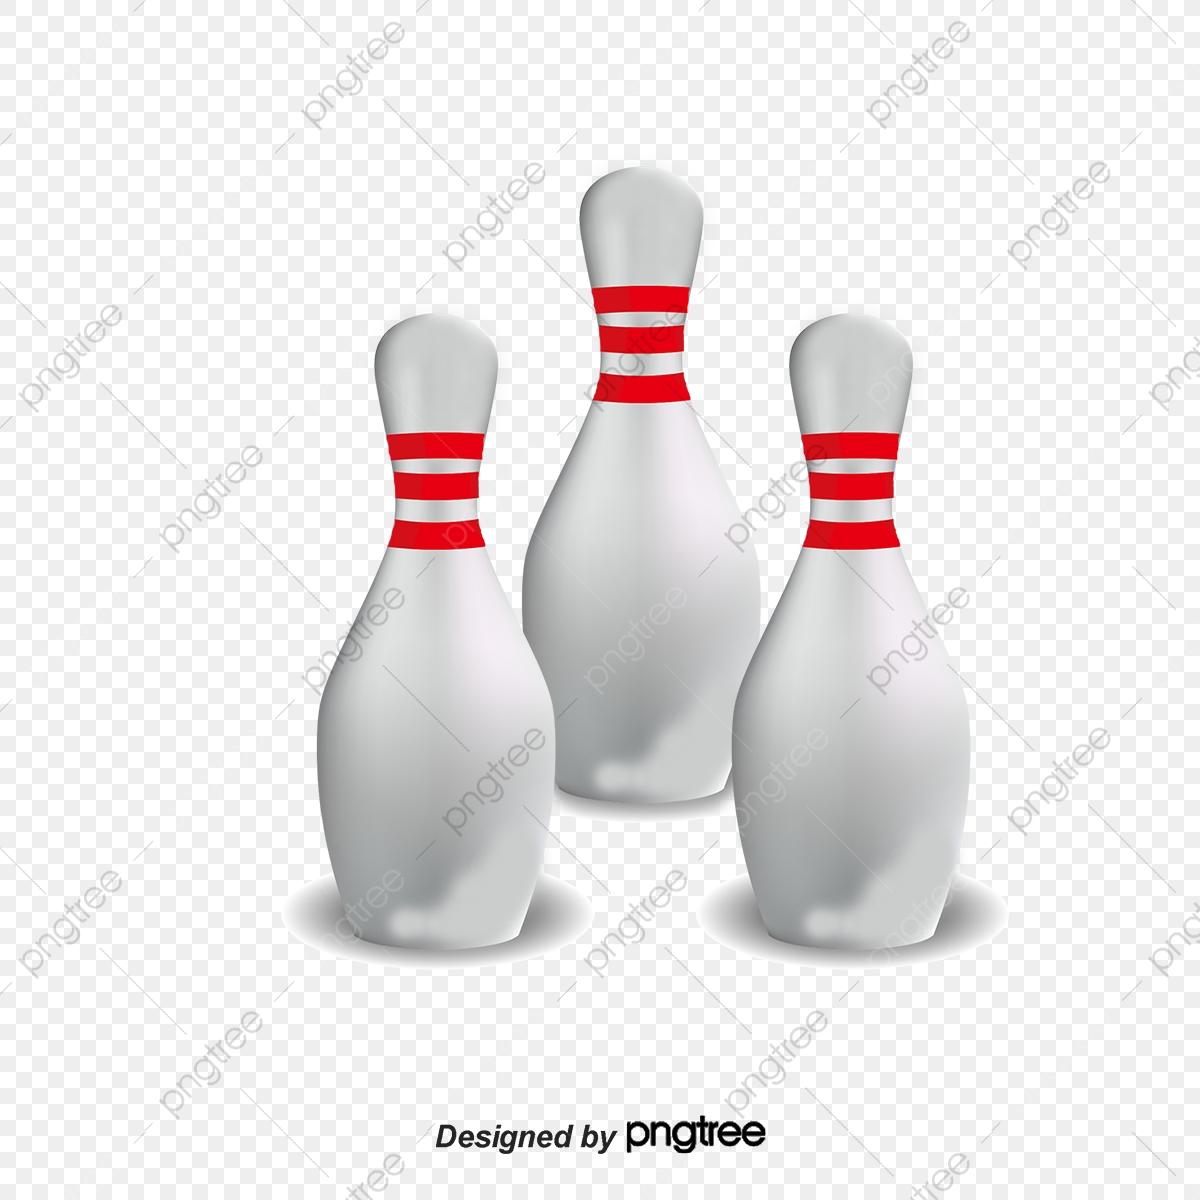 Bowling Pin Material, Bowling Clipart, Bowling, Bowling Pins PNG.